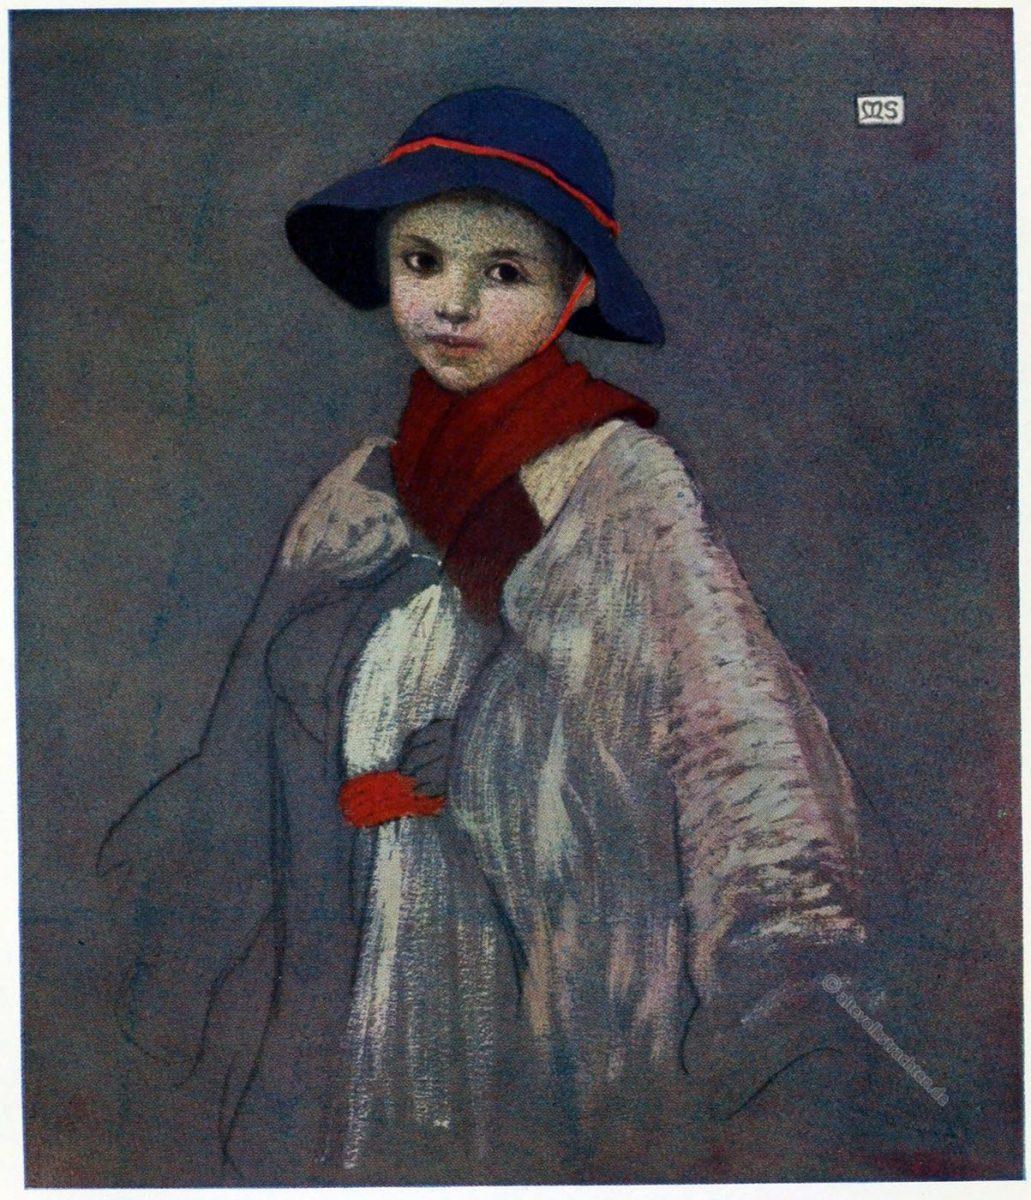 Marianne Stokes, Hirtenjunge, Tracht, Baia Sprie, Rumänien, Nationaltracht, Felsöbánya, Shepherd-boy